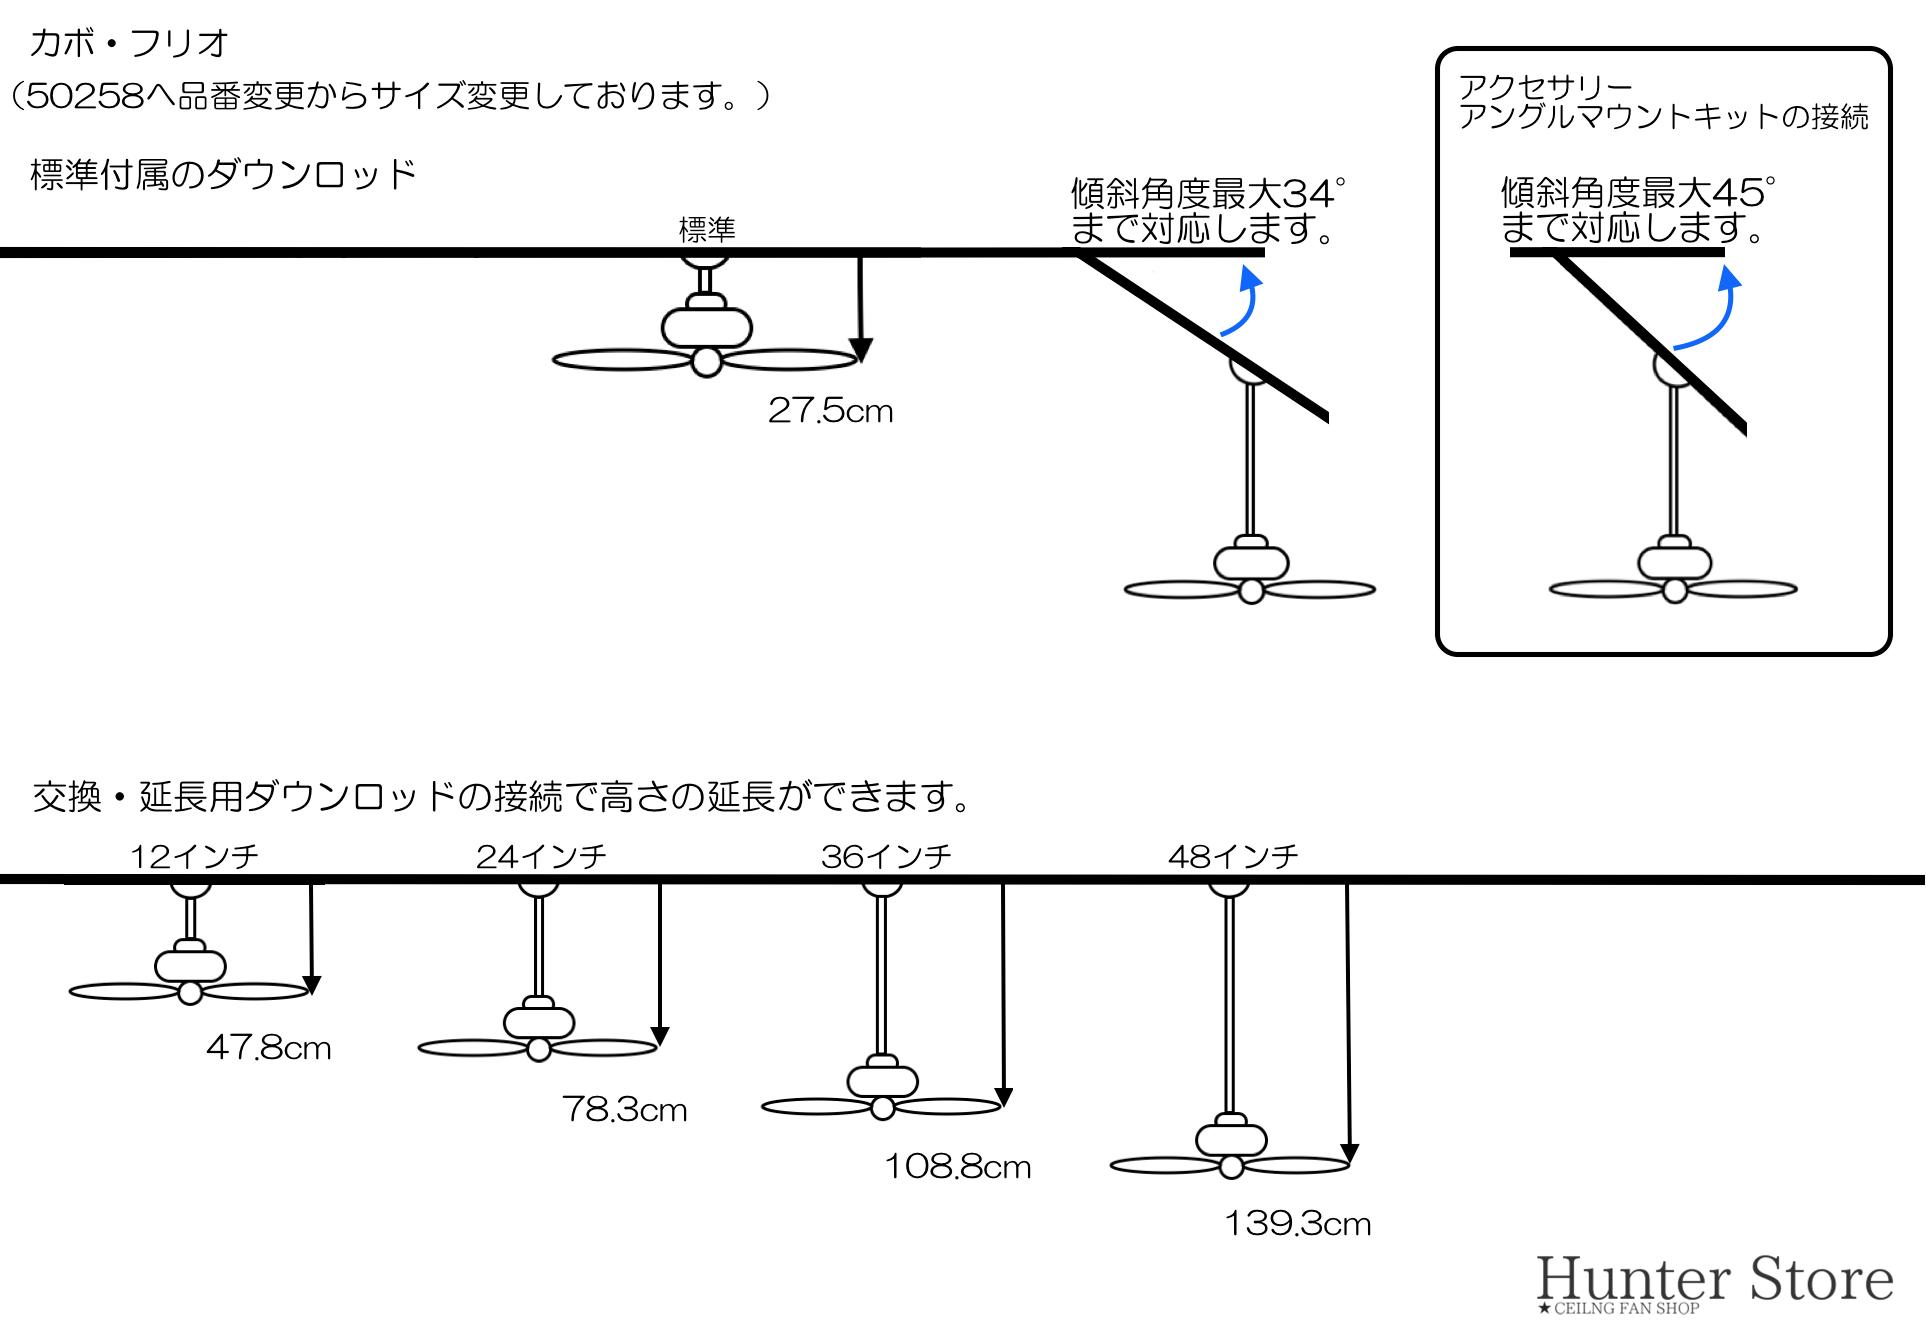 カボ・フリオ【壁コントローラ・36㌅91cmダウンロッド付】 - 画像4